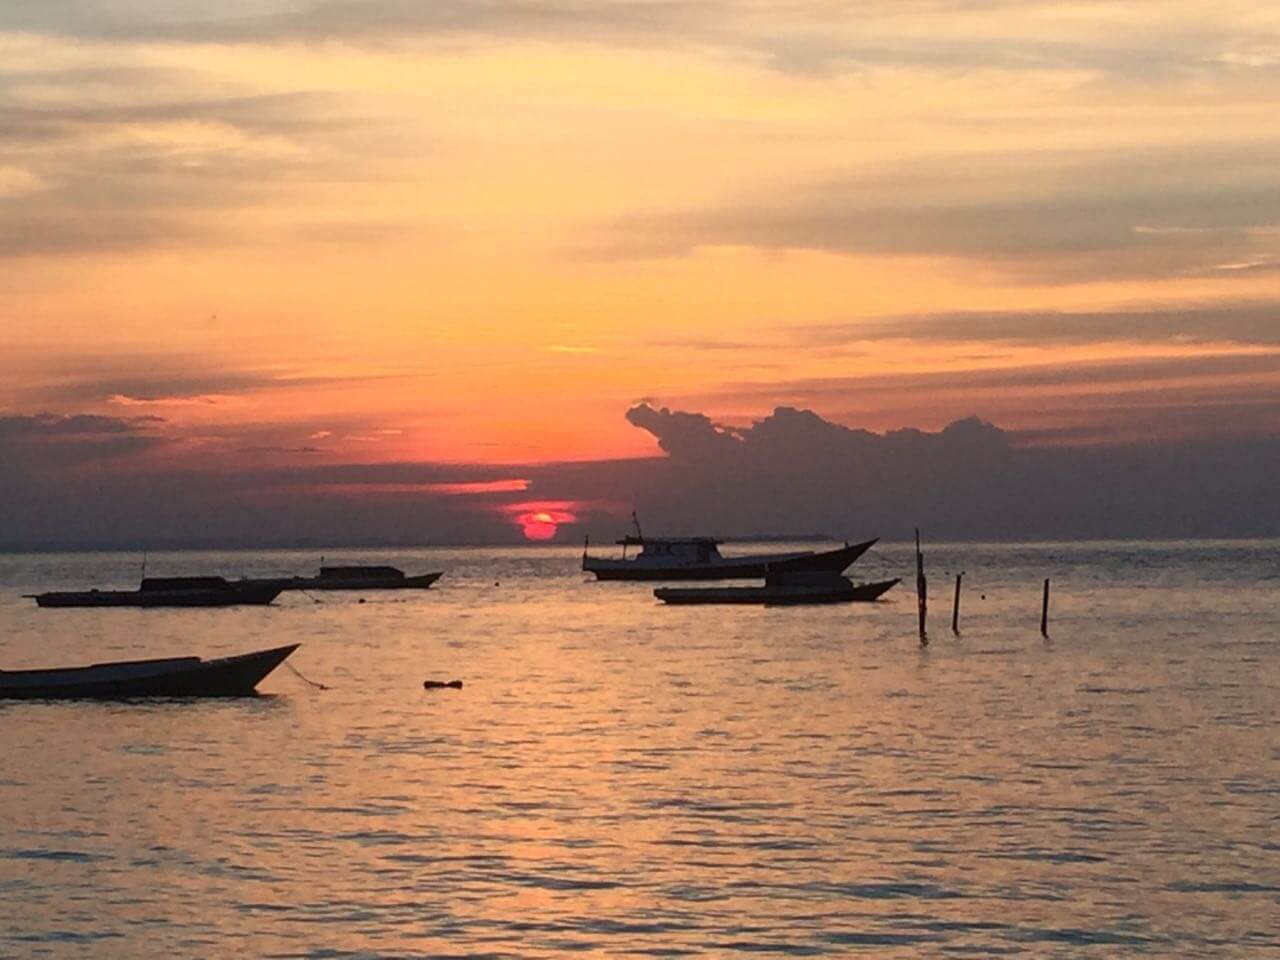 Sonnernuntergang auf den vorgelagerten Inseln Kalimantans